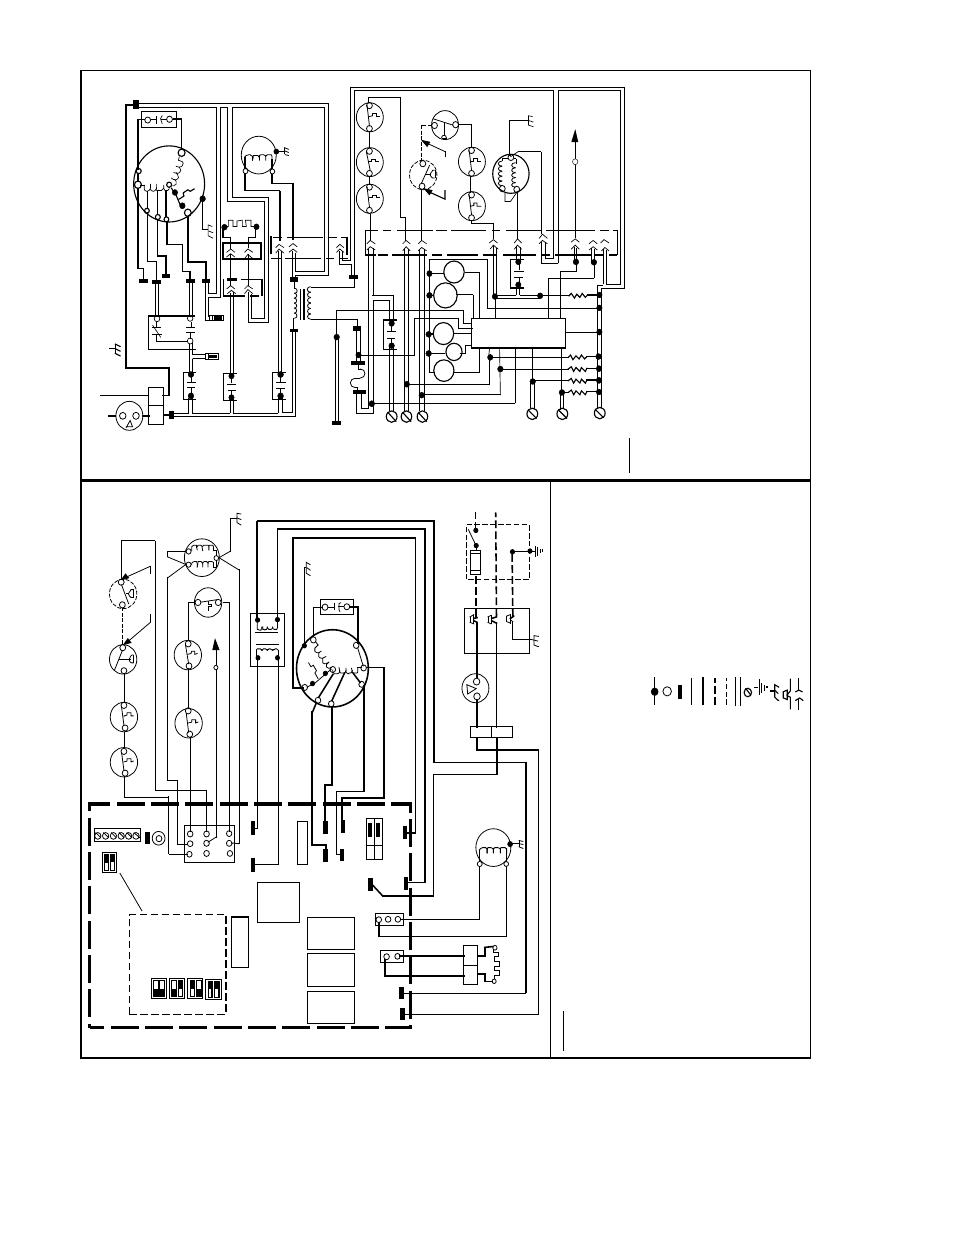 medium resolution of 12 unit wiring diagram hs ir id r b lw r carrier